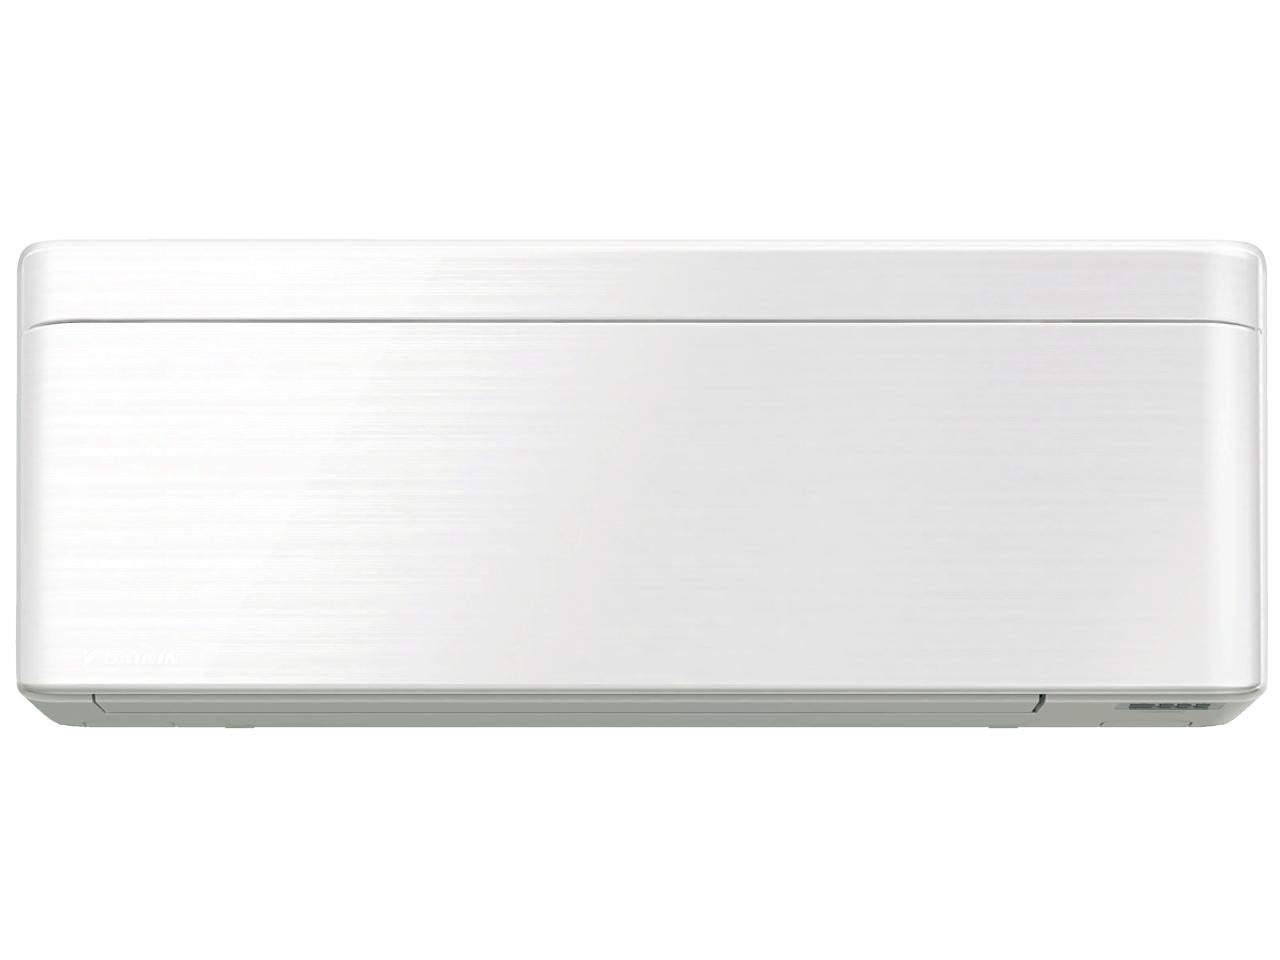 ダイキン S40WTSXP-W 19年モデル SXシリーズ 【200V用】14畳用冷暖房除湿エアコン